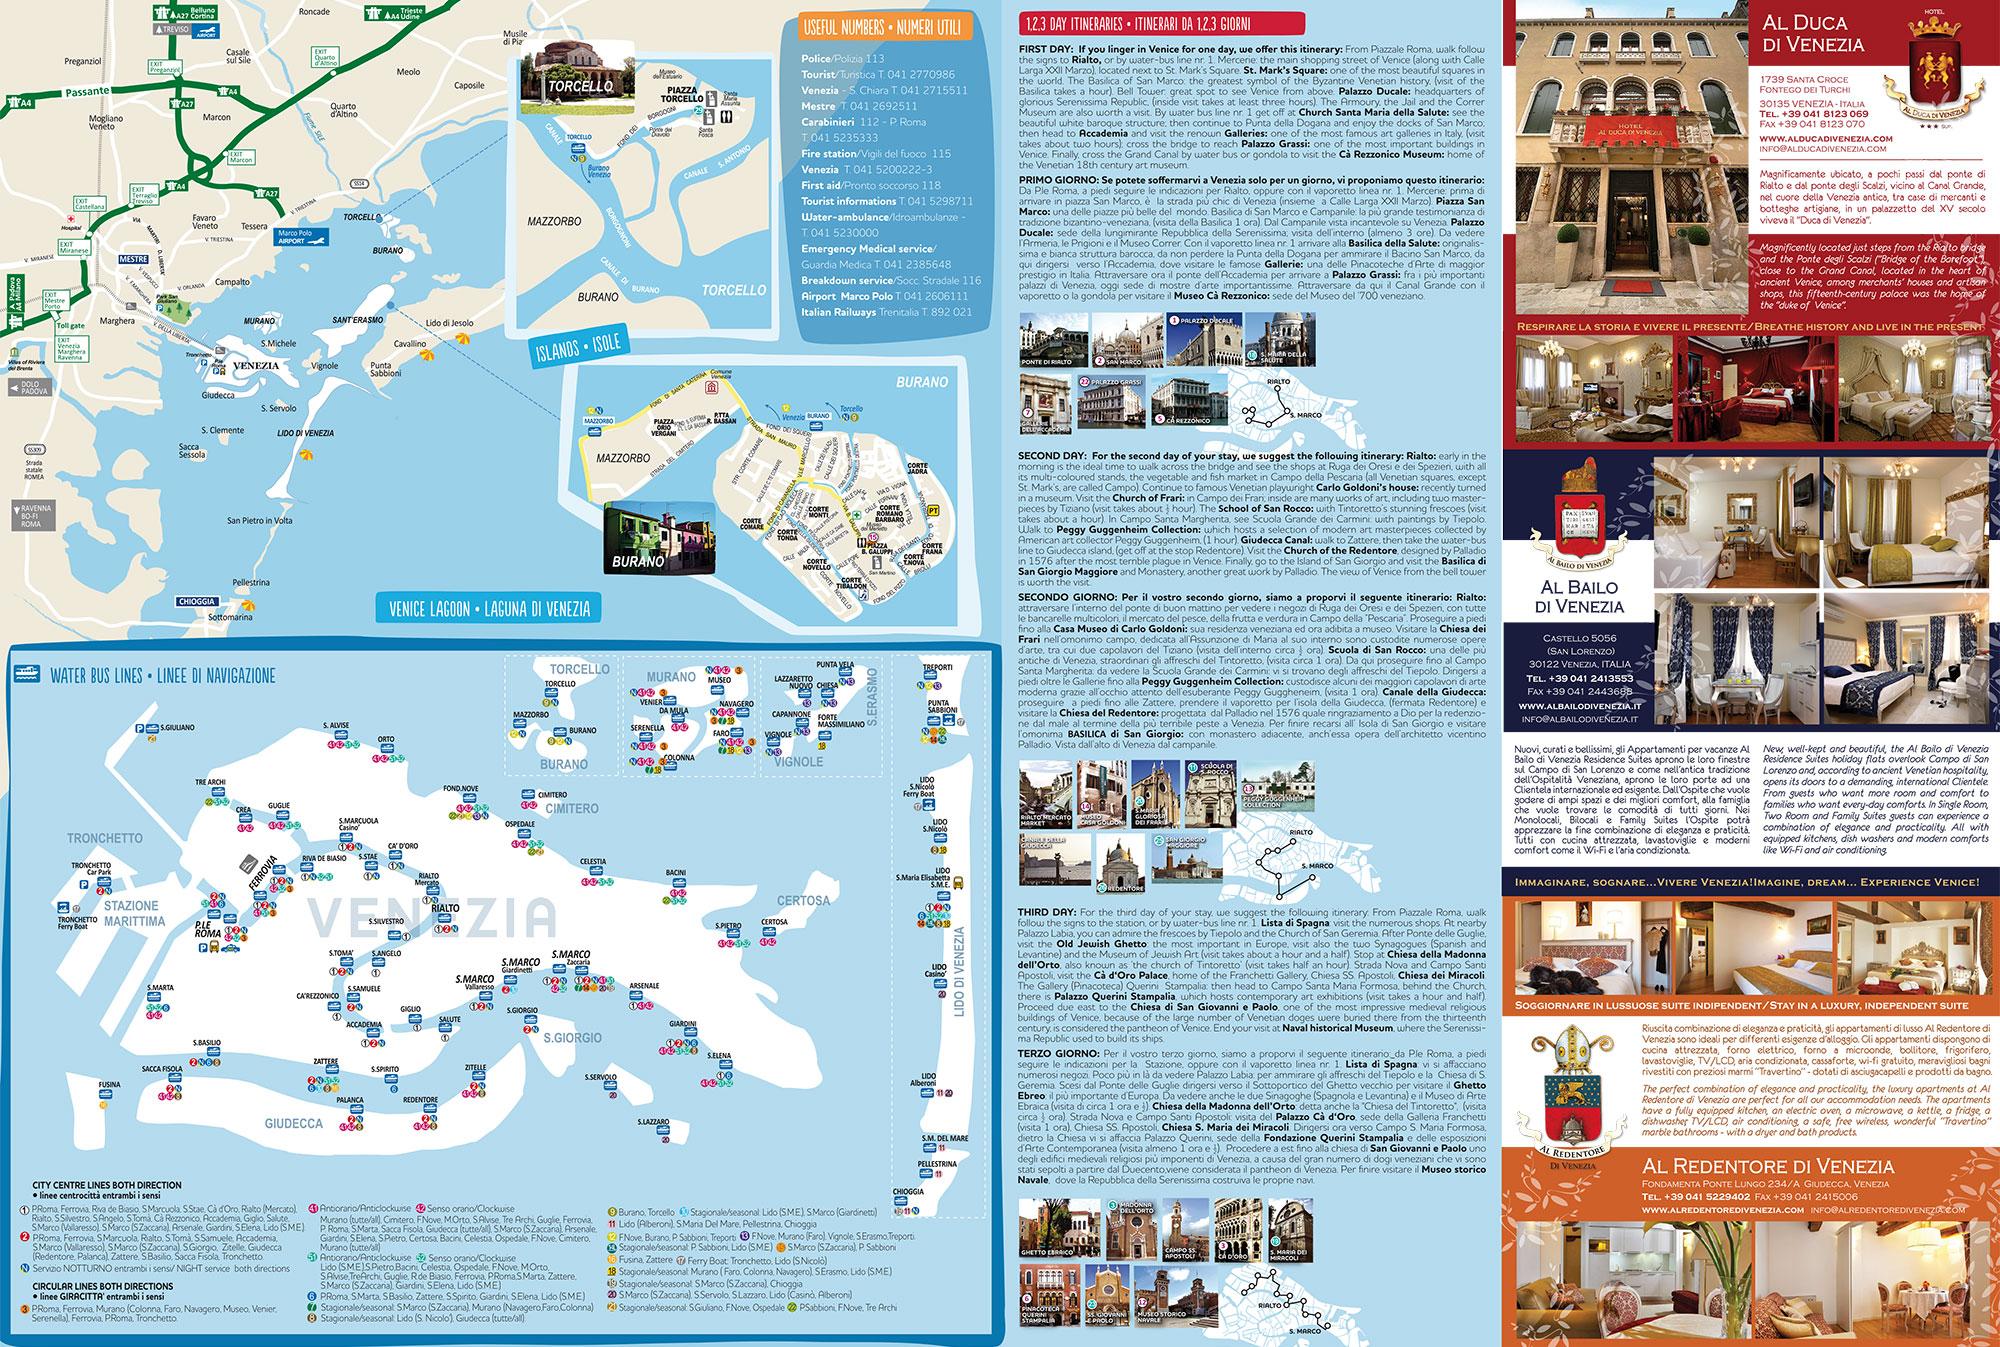 Mappa Liscia Hotel Al Duca di Venezia, Al Bailo e Al Redentore Venezia